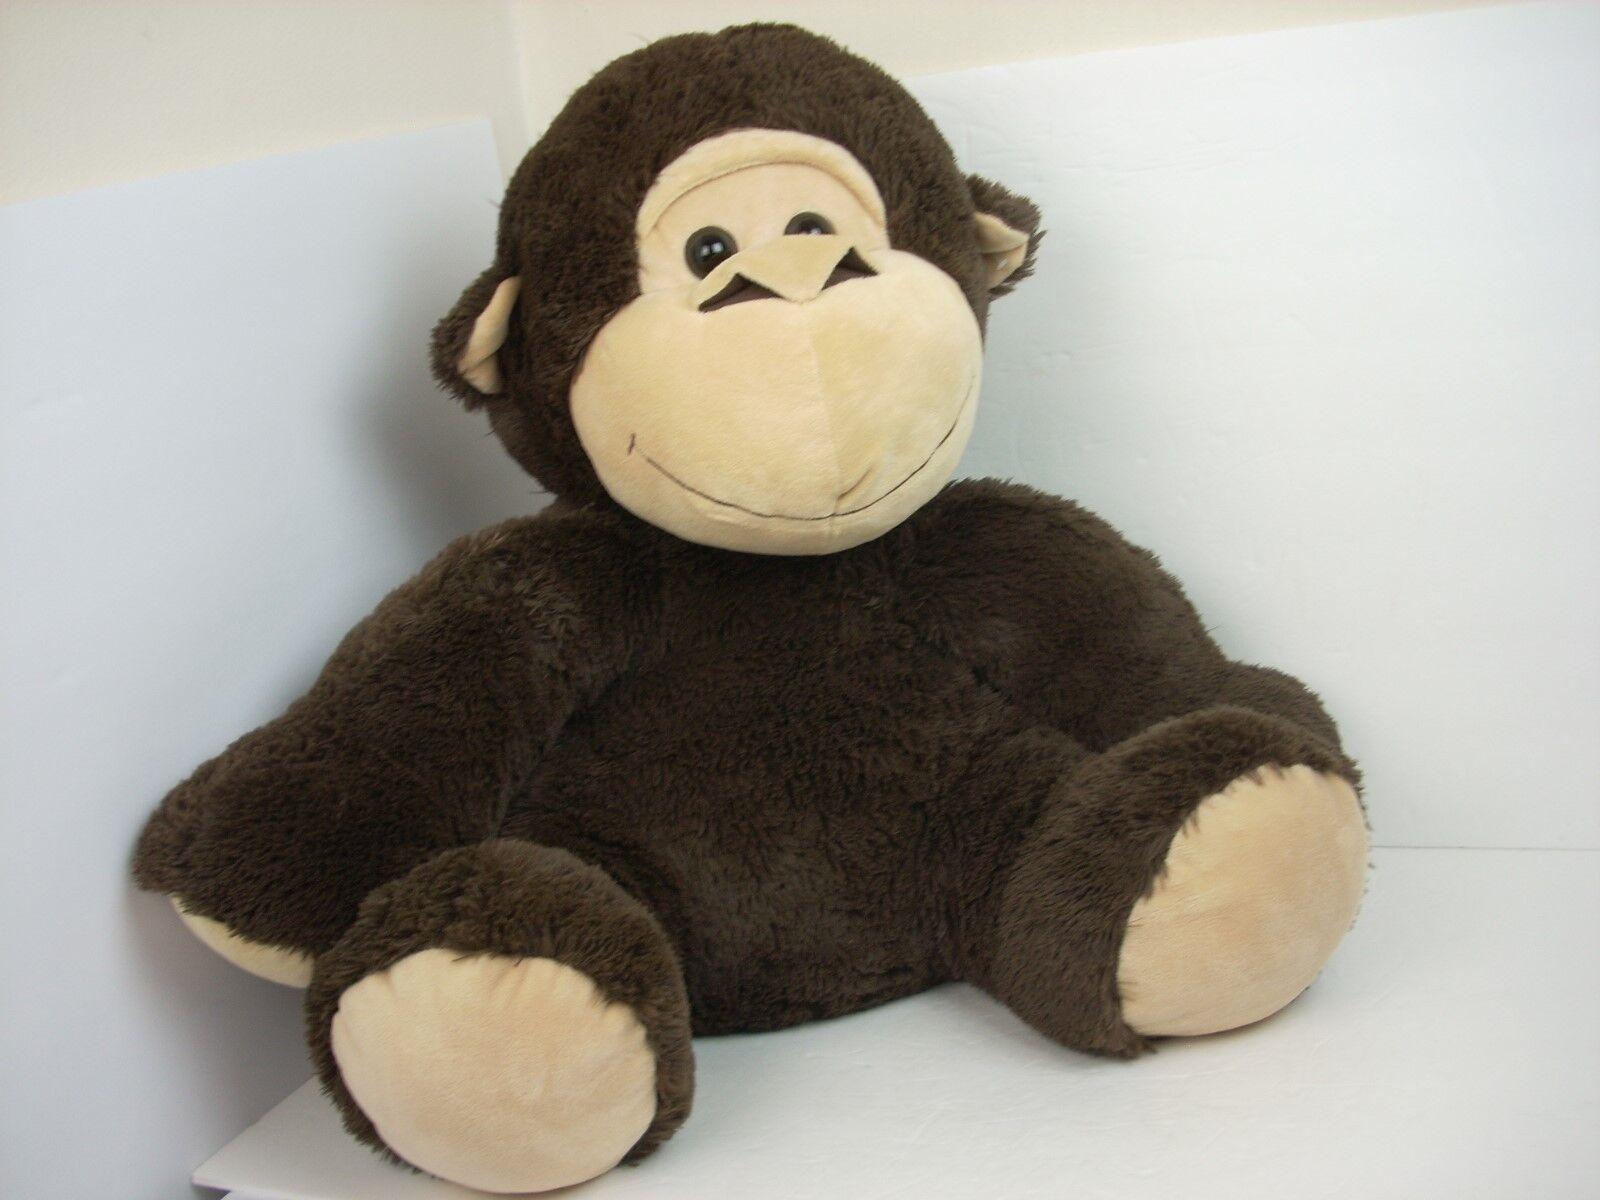 Jungle Friends Monkey Big Jumbo braun Plush Stuffed Animal 27  Toy Happy Ape